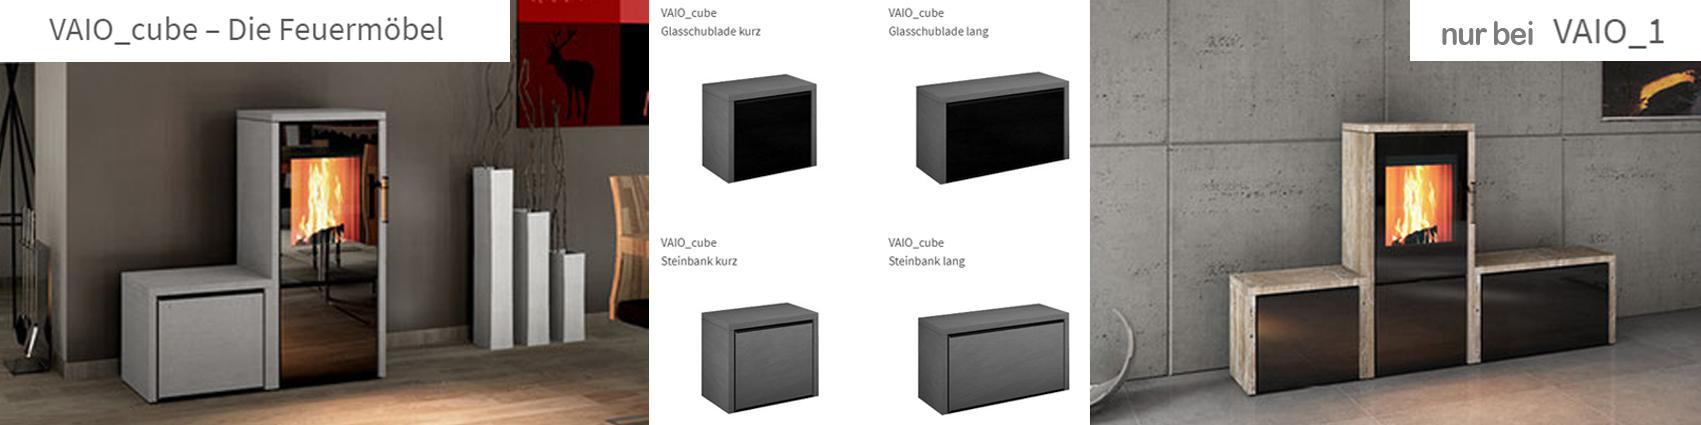 VAIO-Cube_fuer-Vaio-kaminofen_1